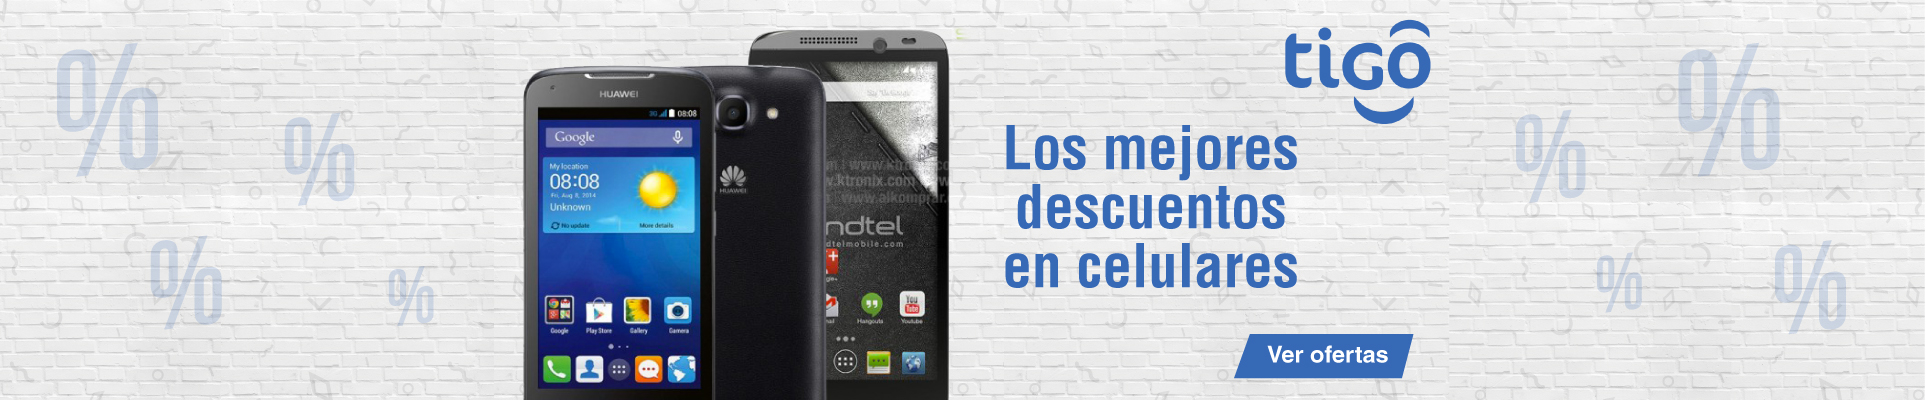 CAT ALKP-10-celulares-tigo-cat-septiembre20-24-marcas